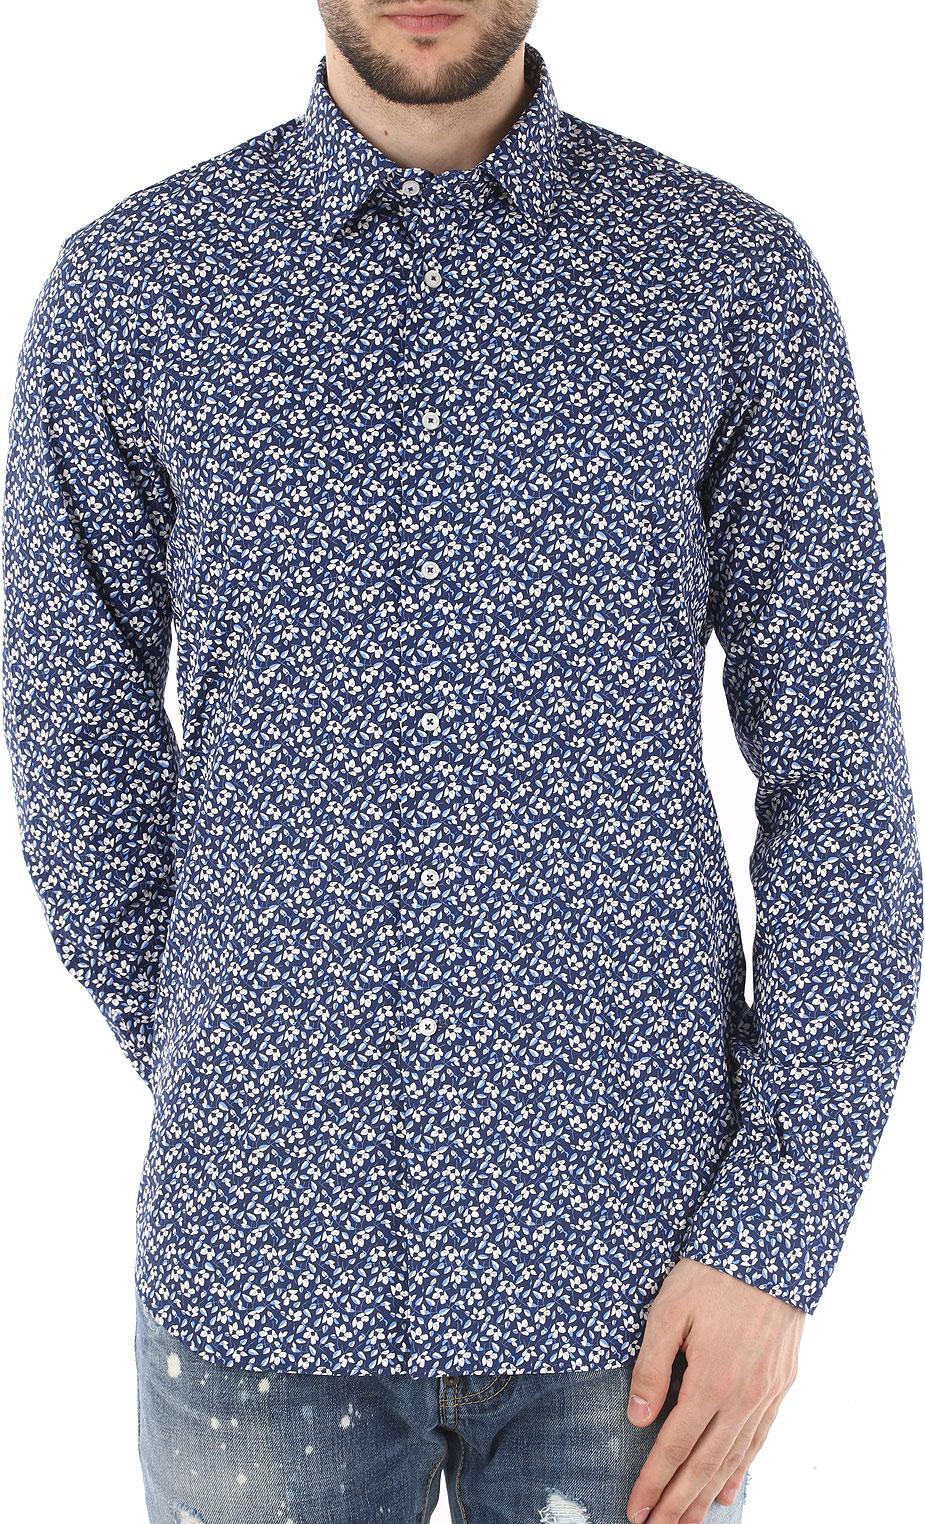 Abbigliamento Uomo Del Siena Codice Articolo Cl24-839530-002